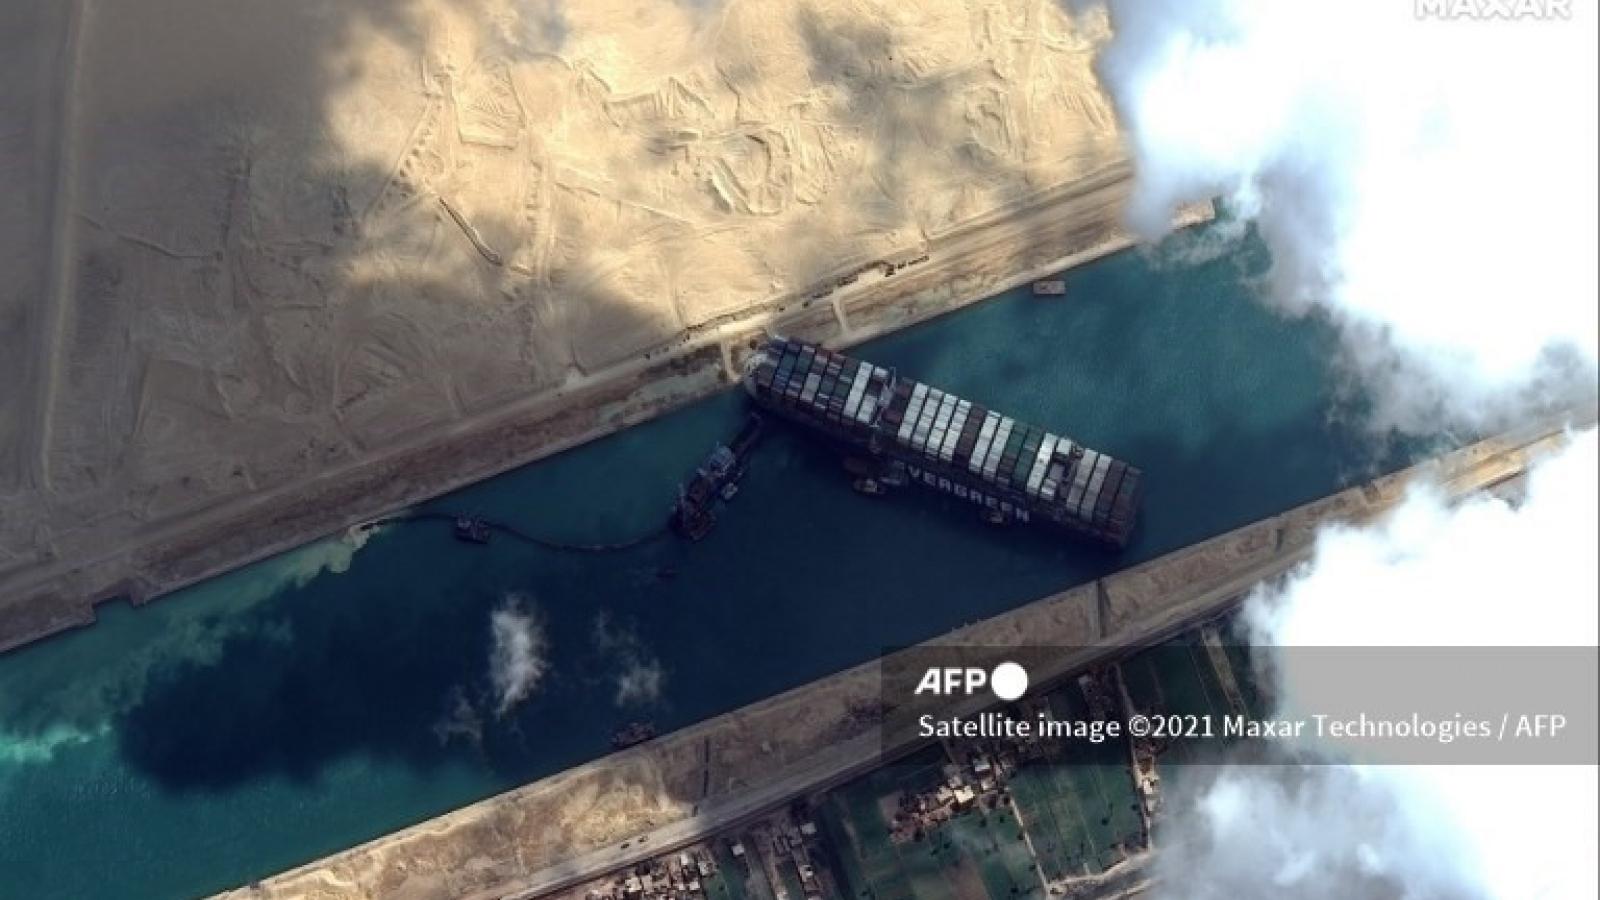 Kênh đào Suez quan trọng như thế nào đối với hoạt động xuất nhập khẩu của Việt Nam?